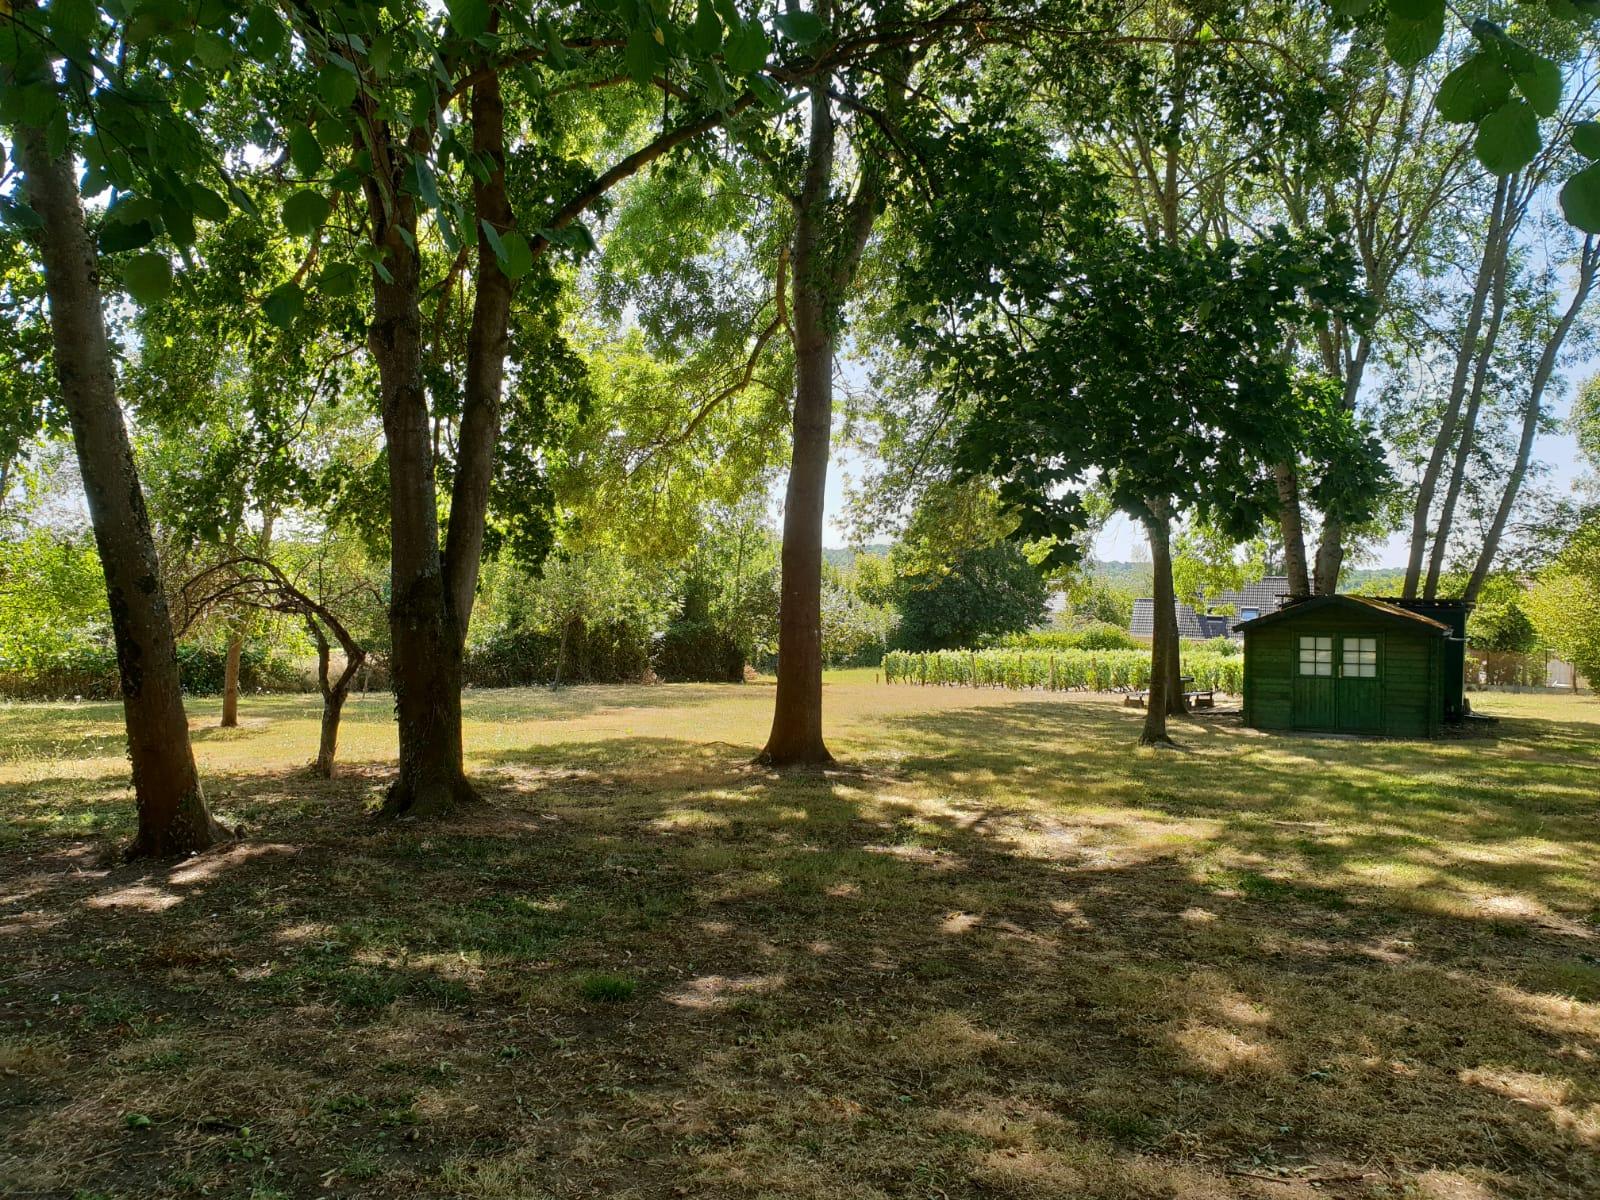 C'est au coeur du village, dans un espace partiellement boisé, que se développera le projet des Pierrottes